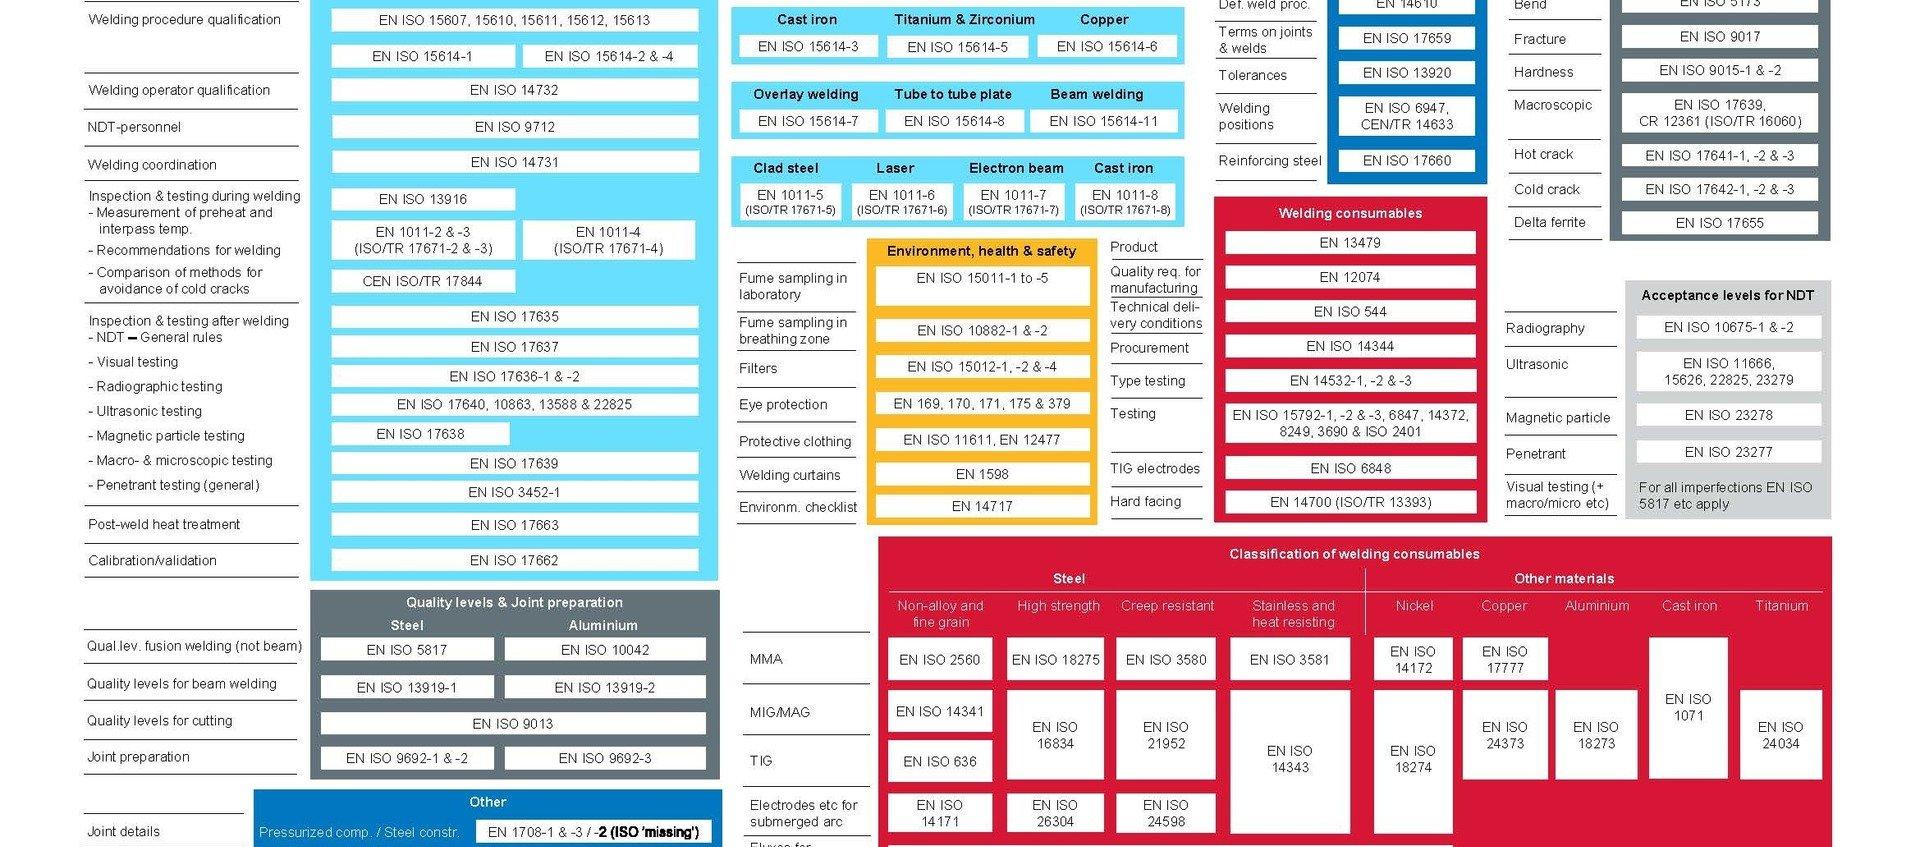 Het beschrijven en goedkeuren van lasmethoden volgens de NEN-EN-ISO-structuur (3)